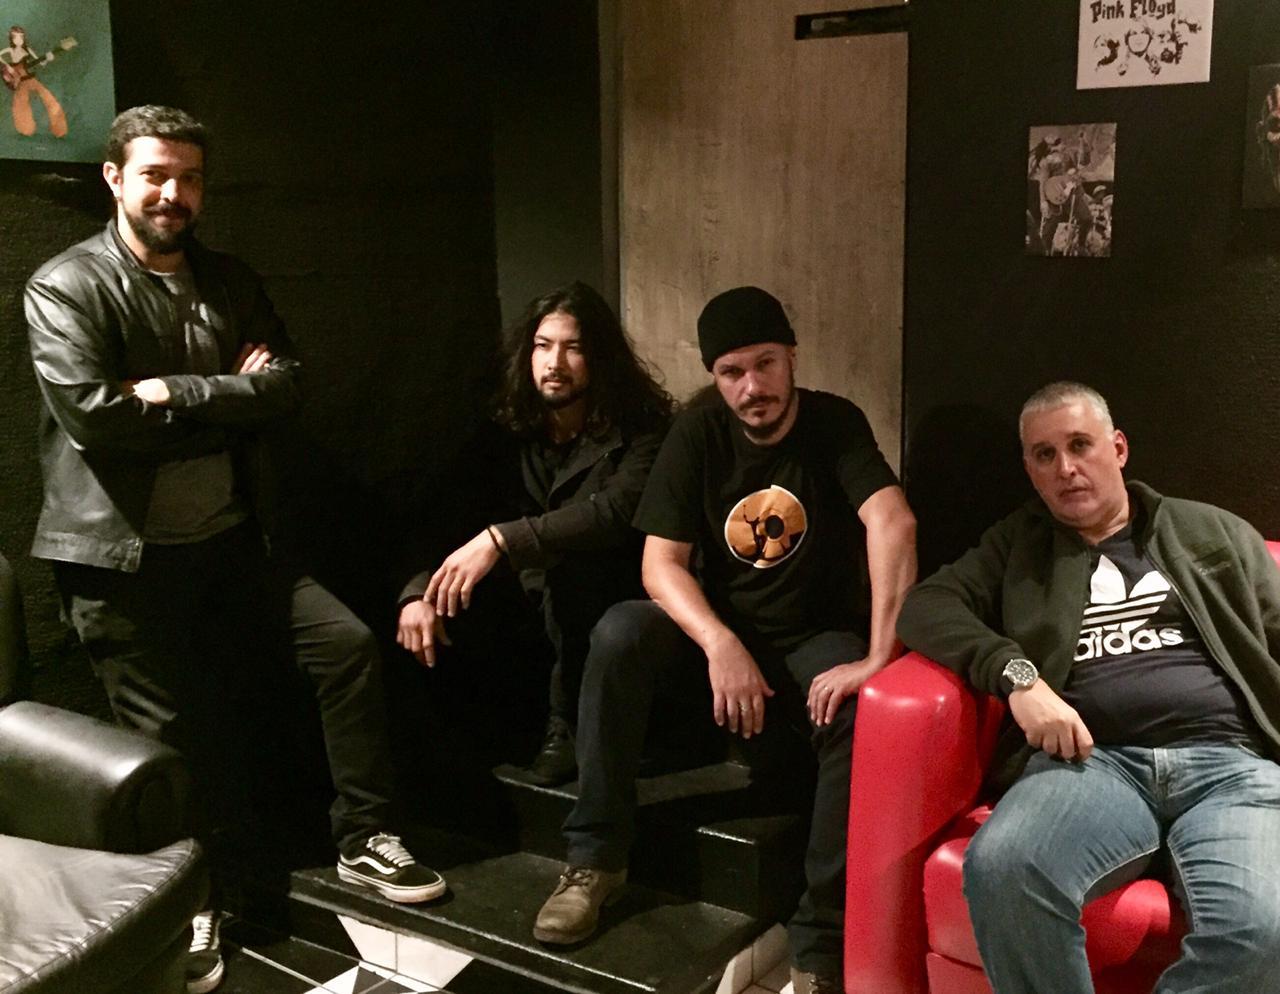 Mostra da CAL reúne 5 bandas em evento beneficente neste domingo em Londrina